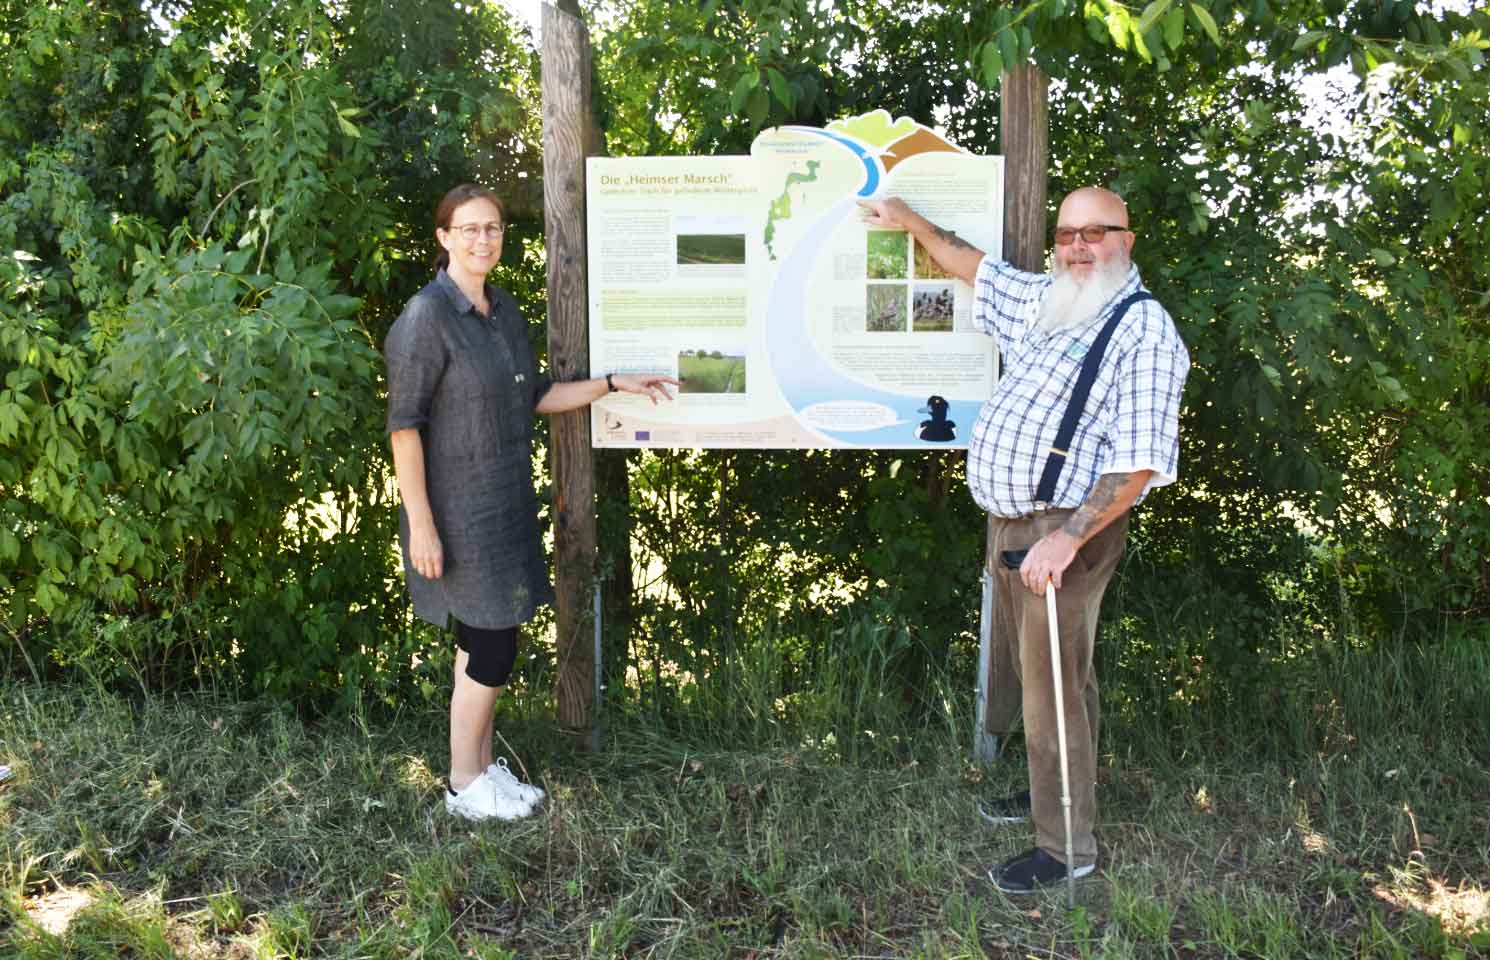 Ziel ist es, Natur und Landschaft im besiedelten und unbesiedelten Bereich so zu schützen, zu pflegen und zu entwickeln.